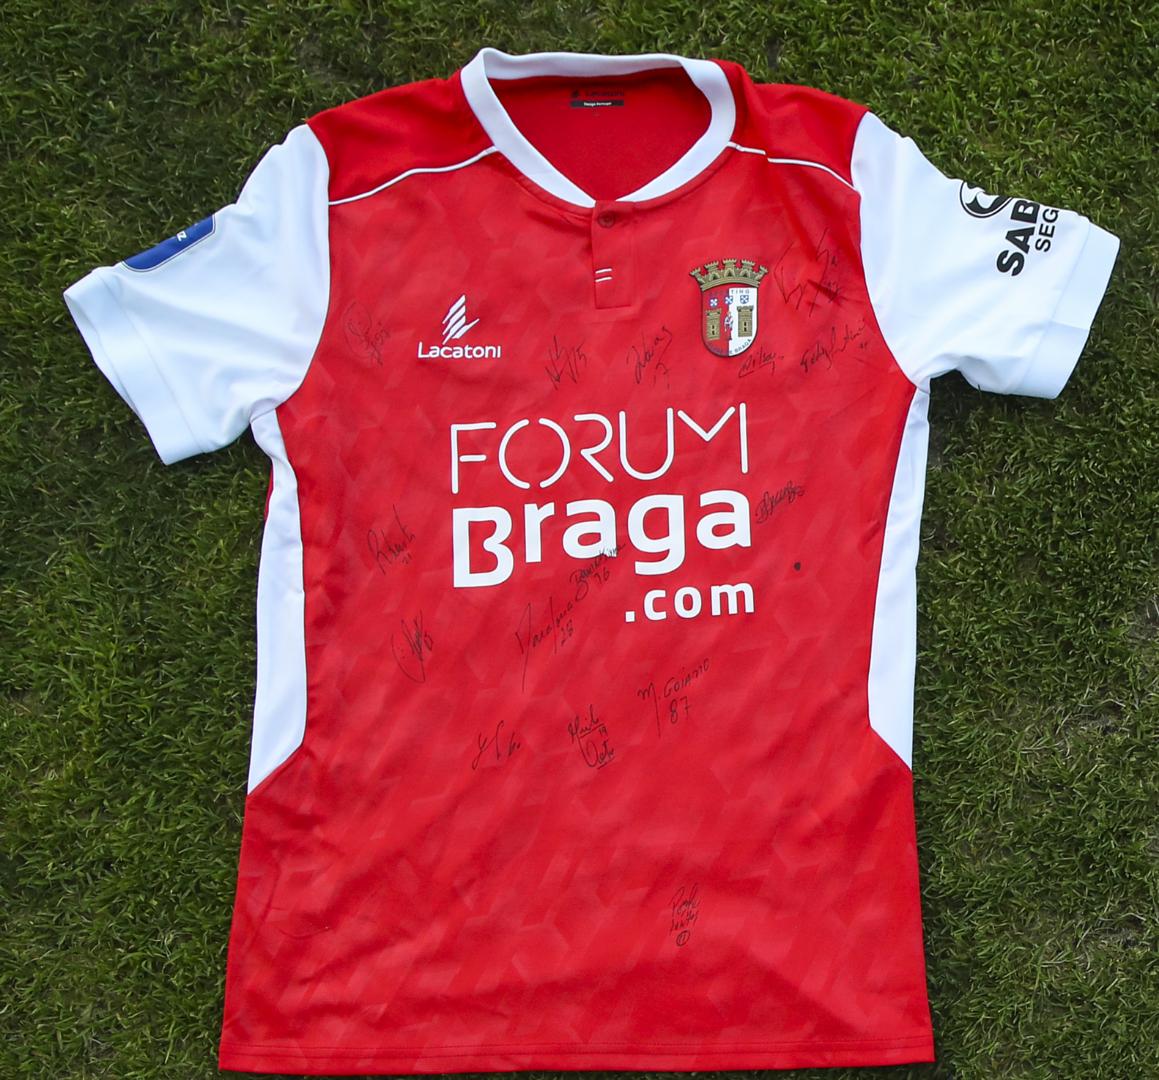 Camisola do SC Braga autografada pelo plantel - Final Four 2019